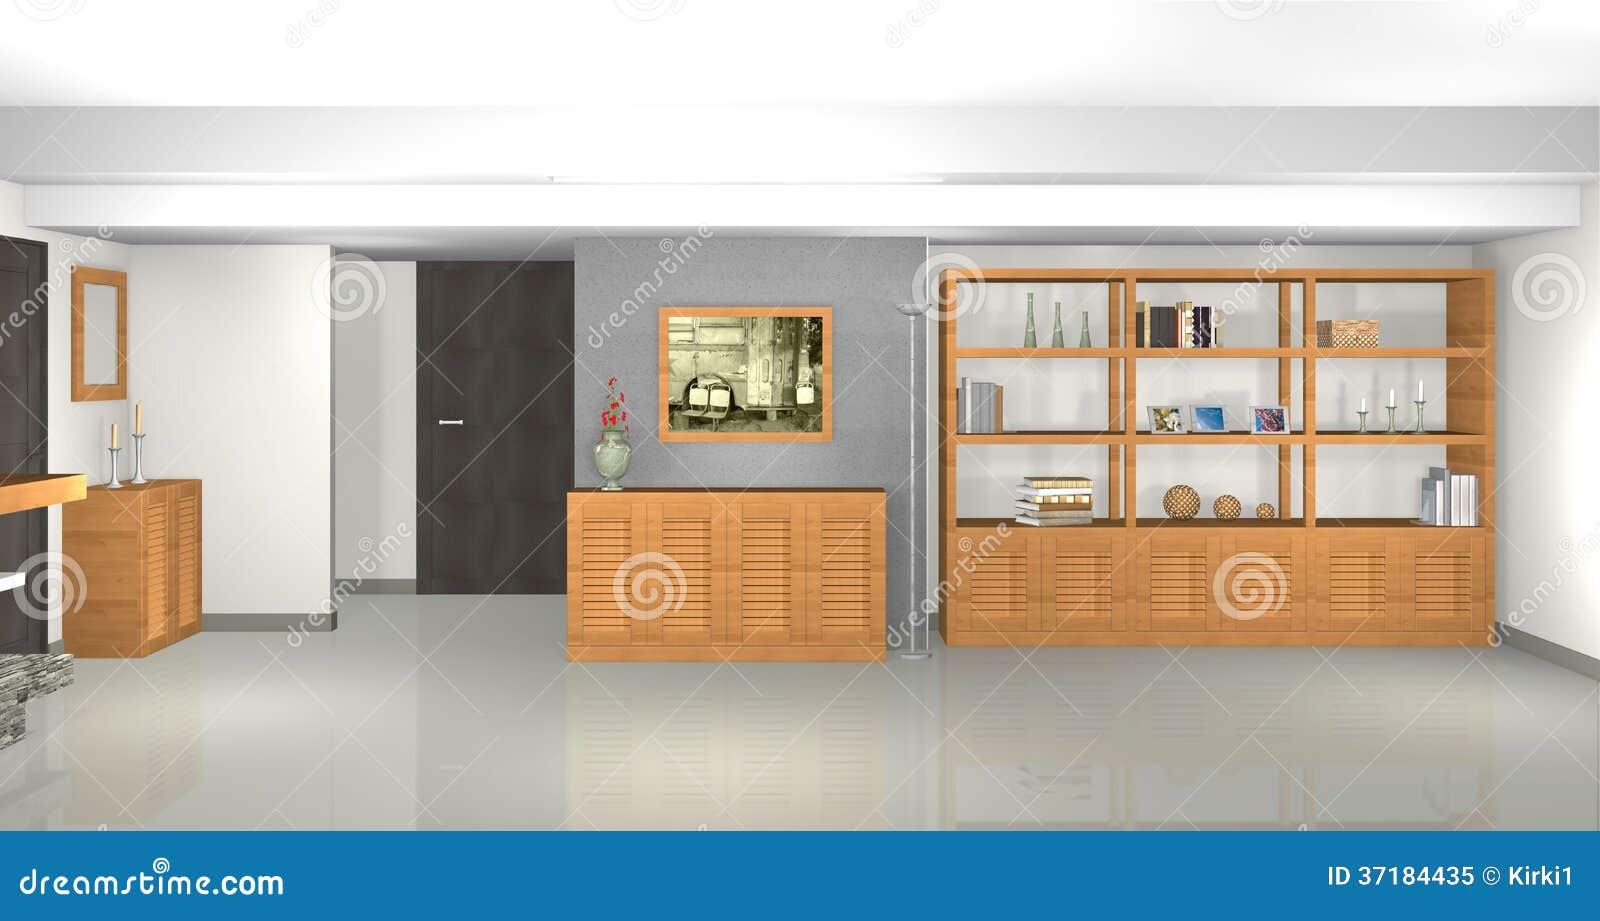 Salon moderne et gris avec la biblioth que et chemin e photo libre de droits image 37184435 for Photo salon avec cheminee moderne